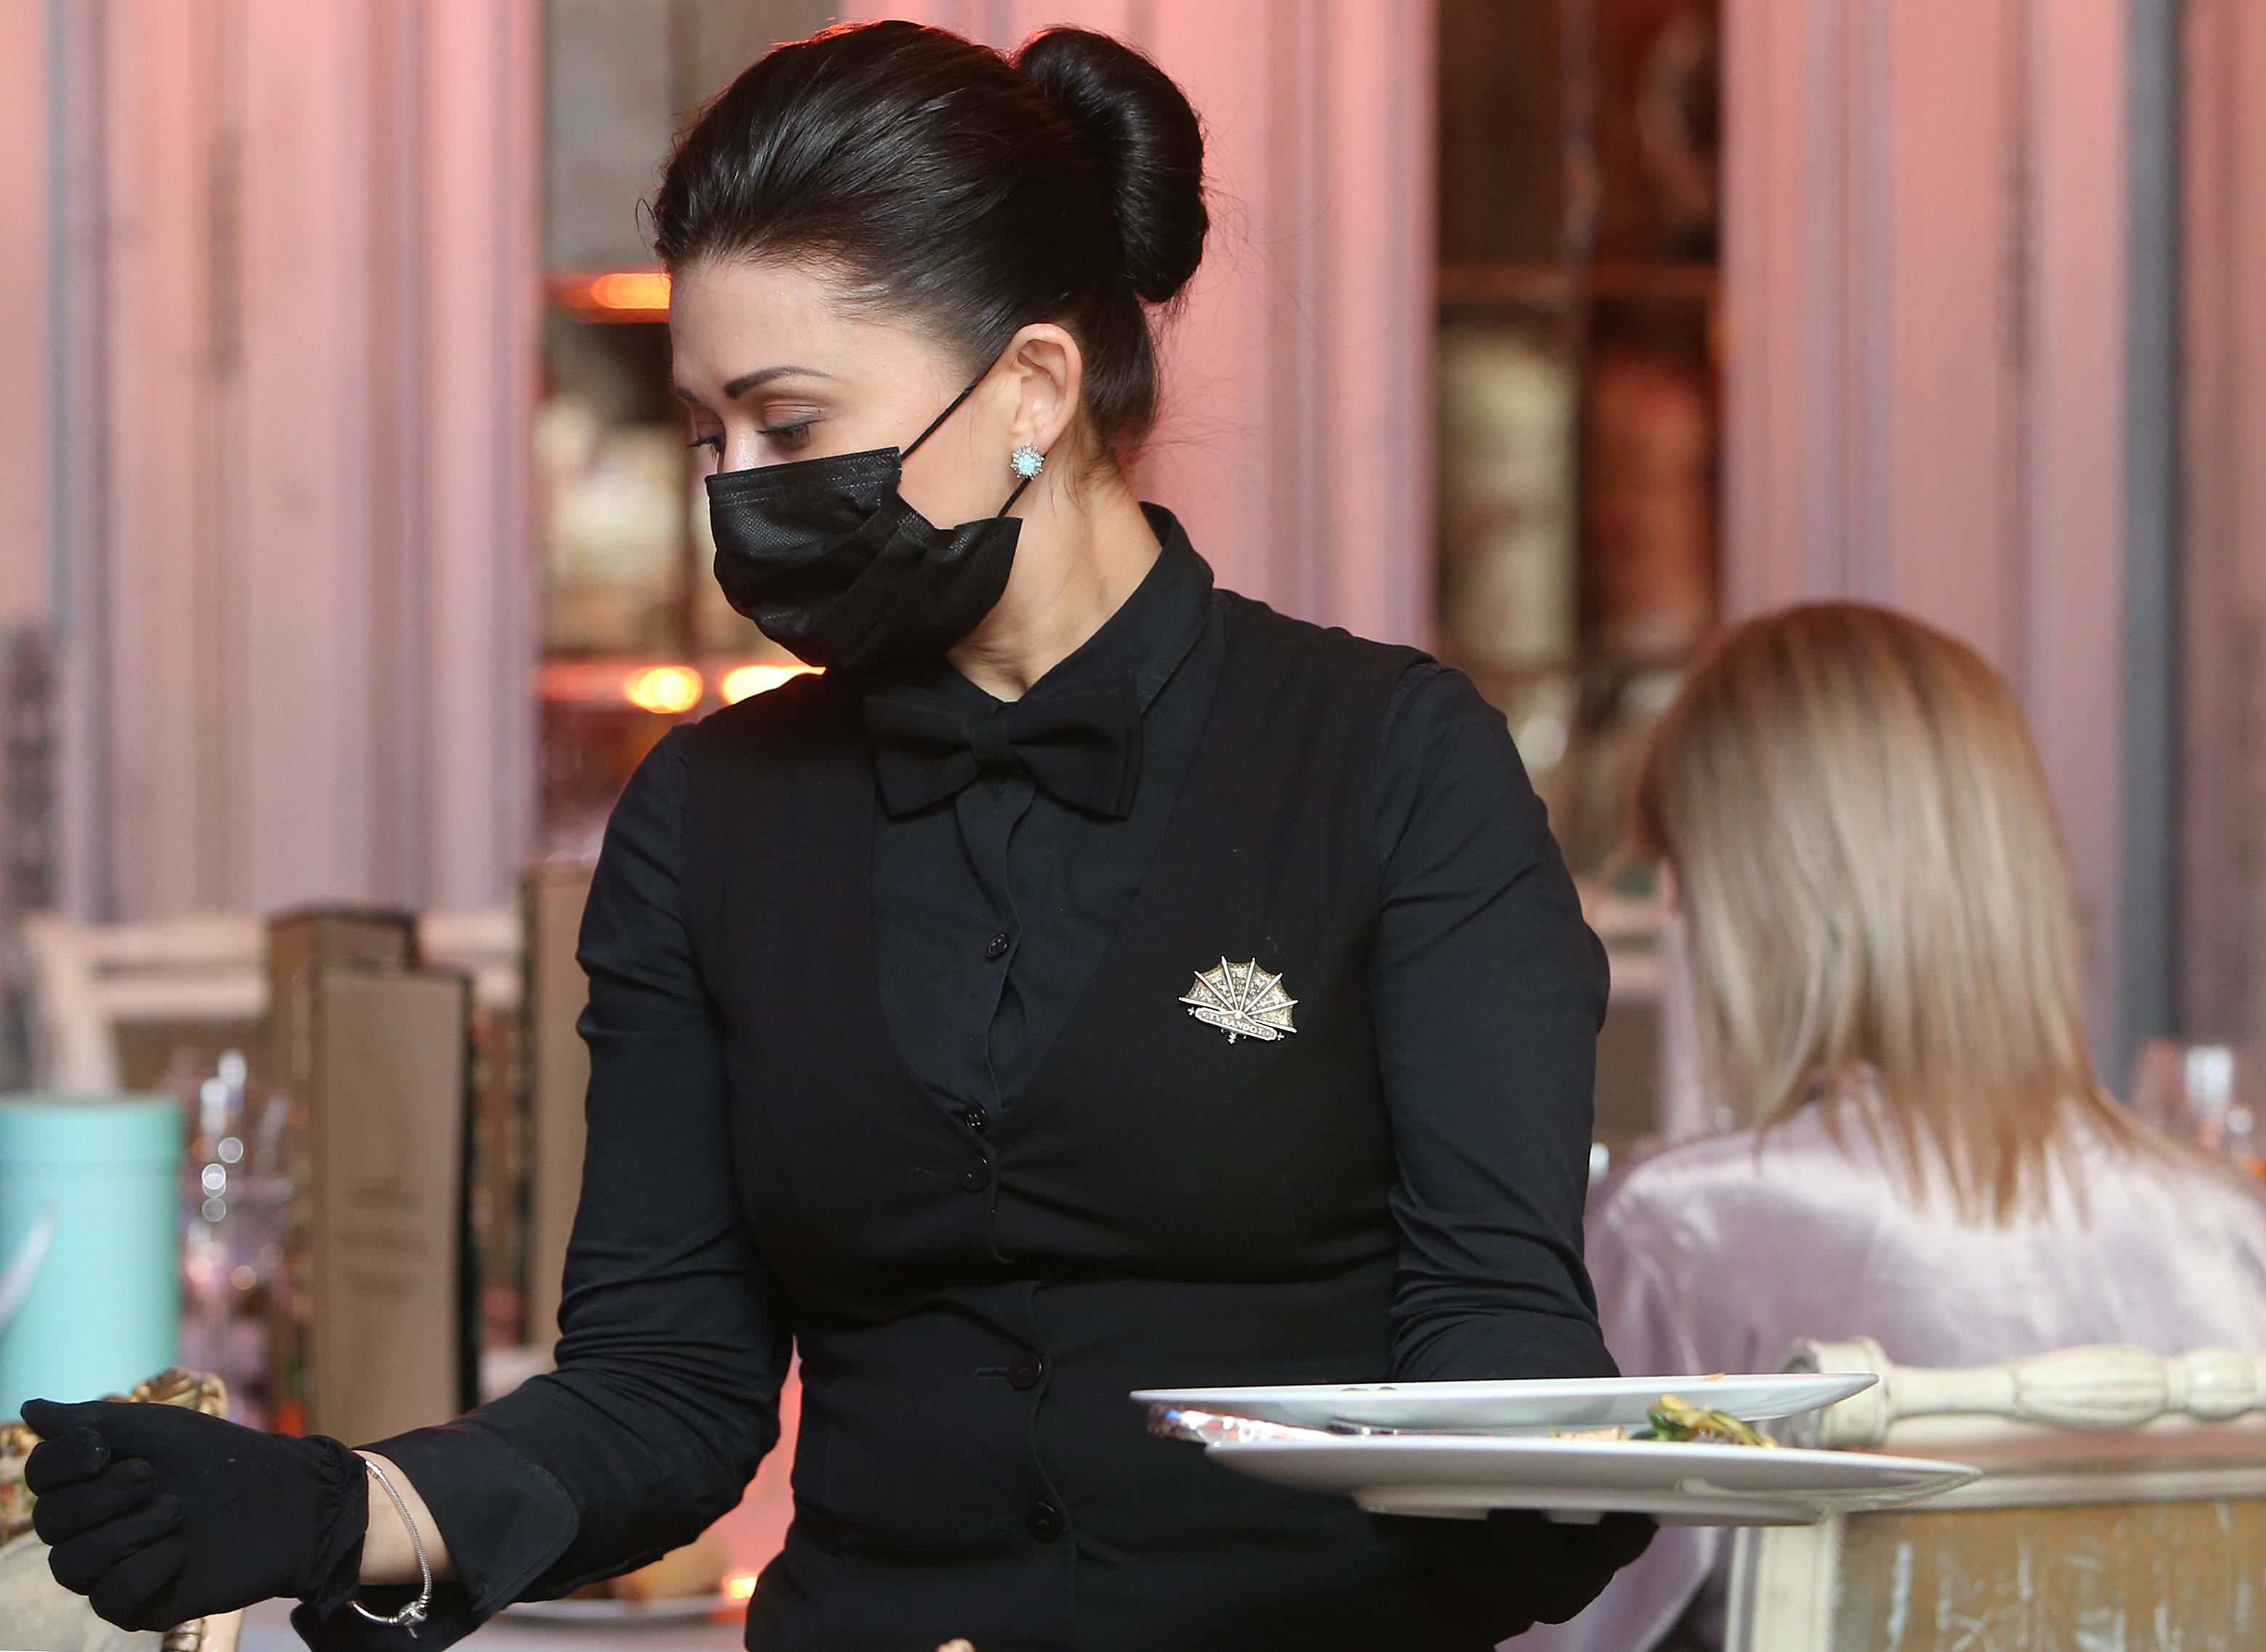 Ресторану Balagan грозит штраф до 1 миллиона рублей за нарушения мер профилактики COVID-19